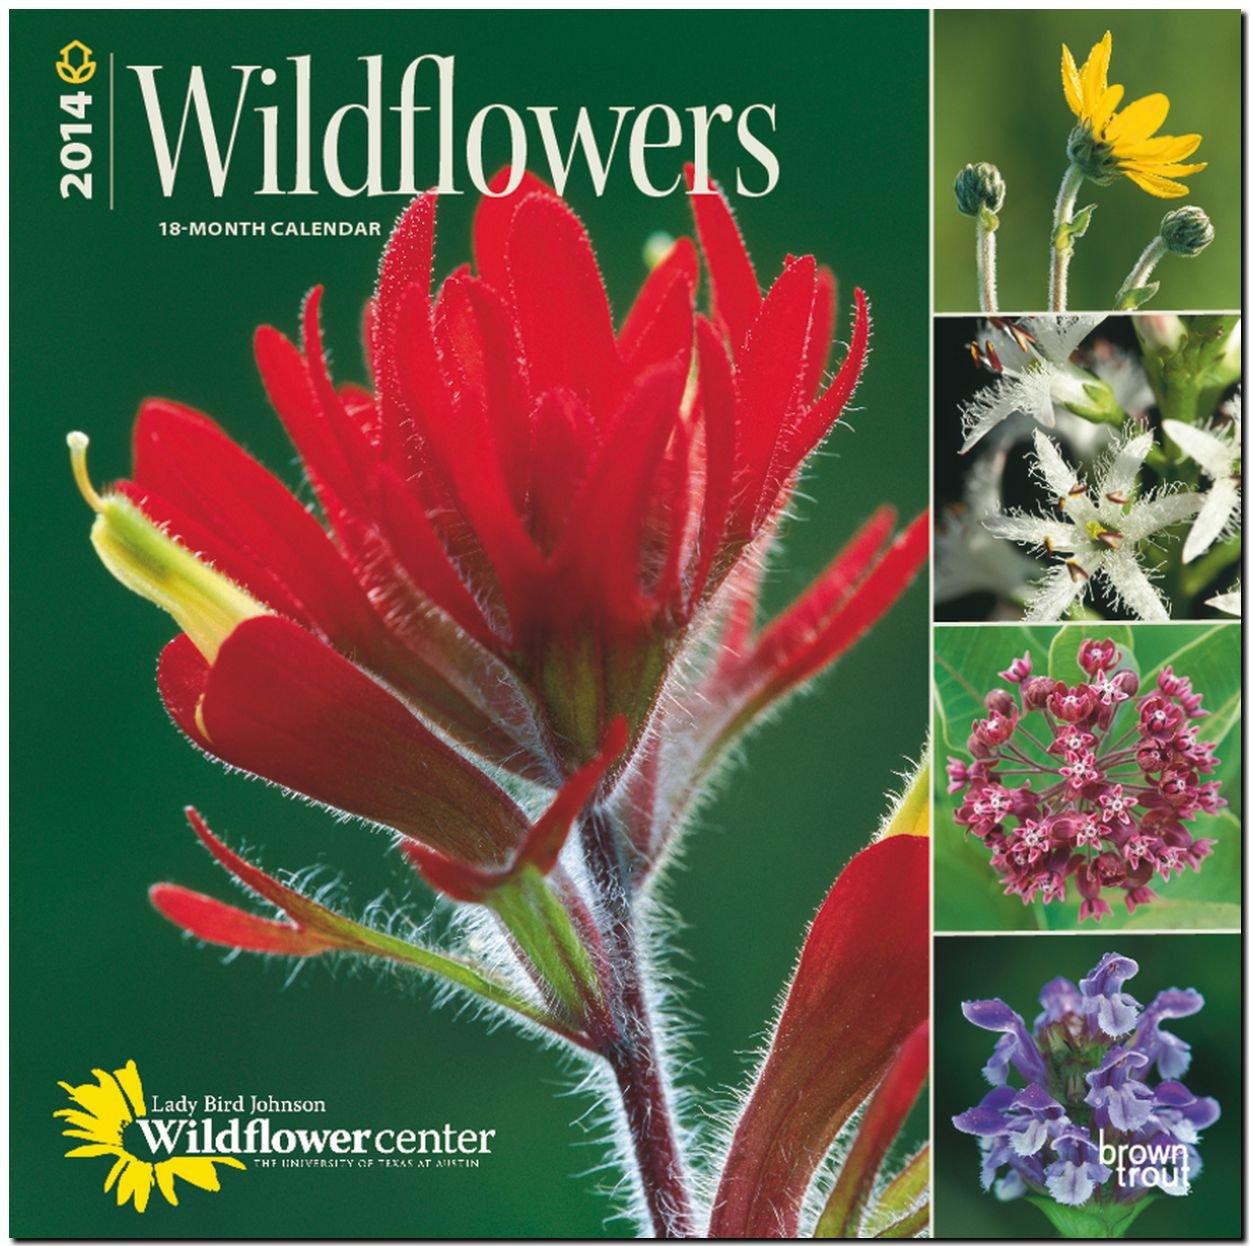 Wildflowers 2014 - Wildblumen: Original BrownTrout-Kalender [Mehrsprachig] [Kalender]